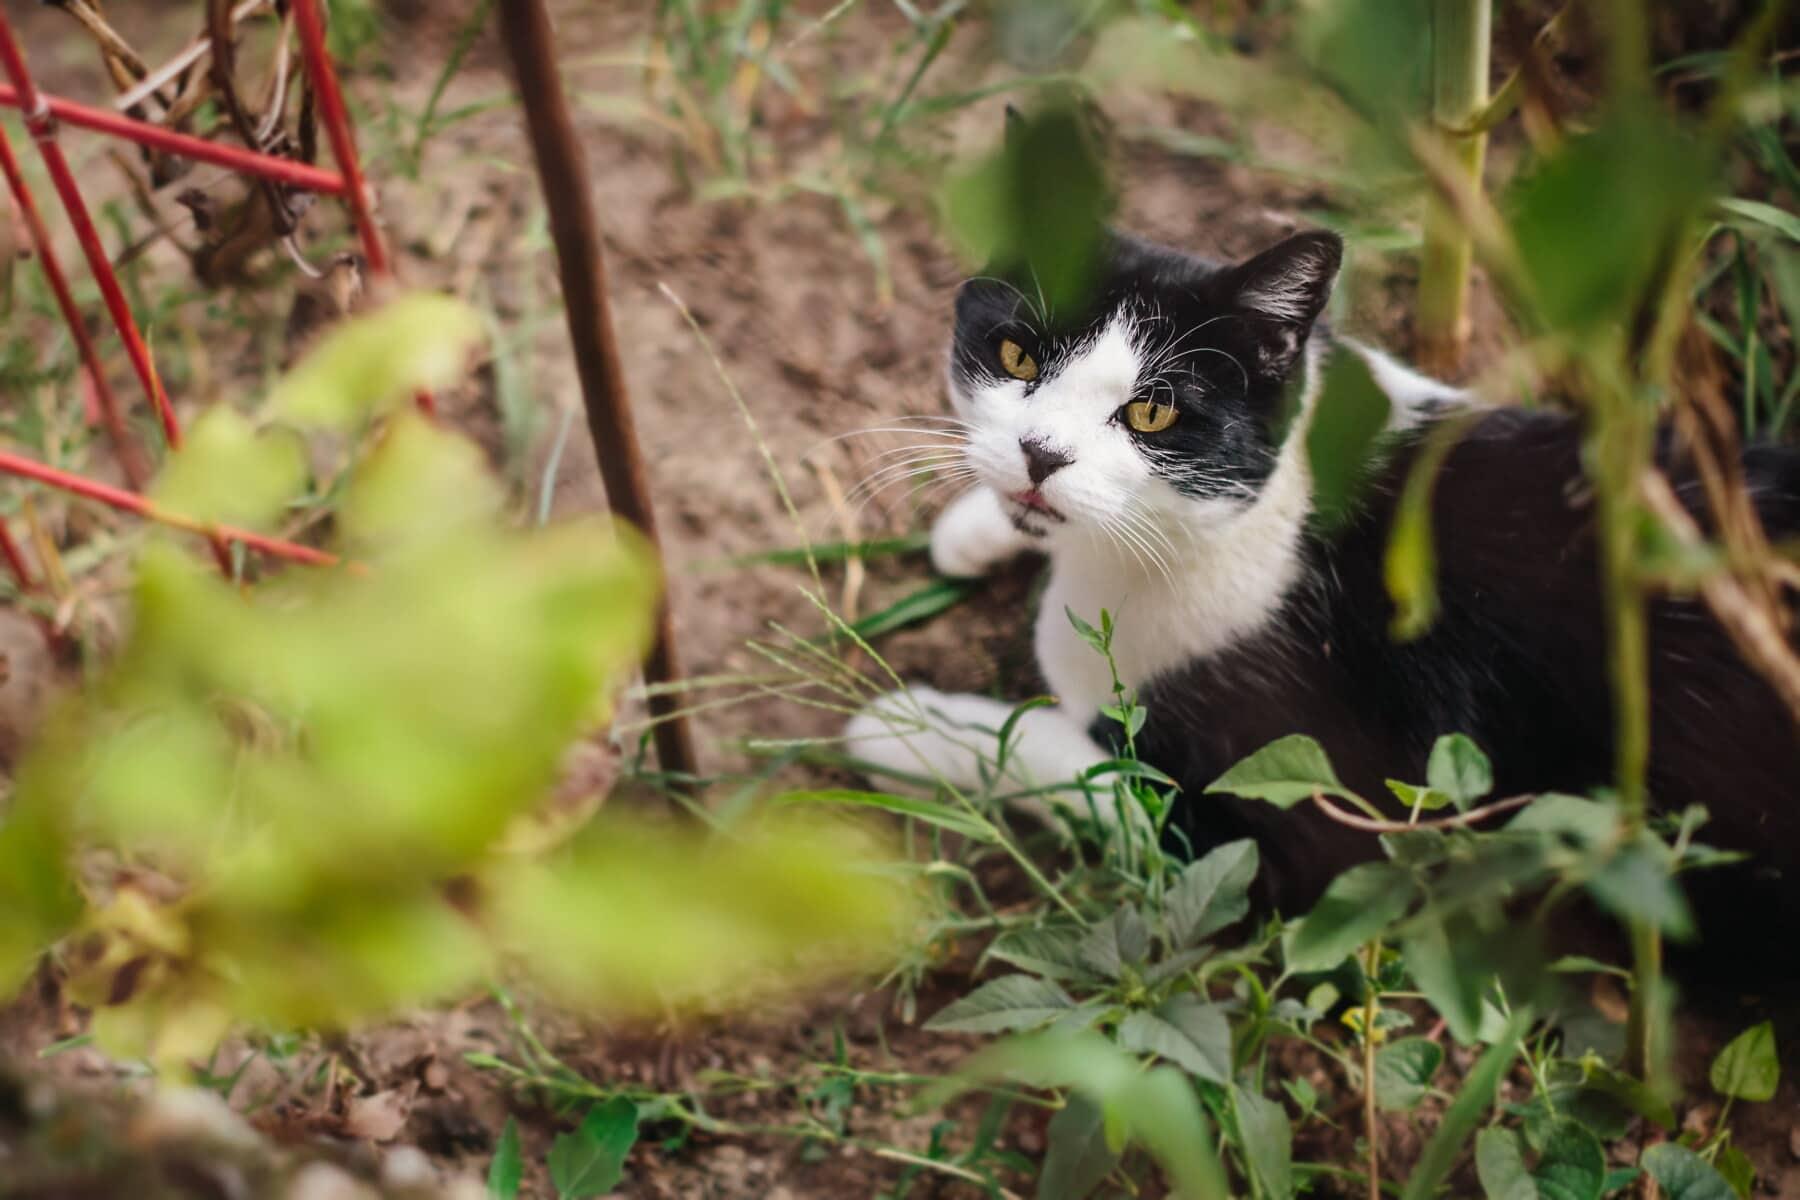 katze, Hauskatze, schwarz und weiß, ausblenden, Garten, niedlich, Augen, inländische, Haustier, Kätzchen